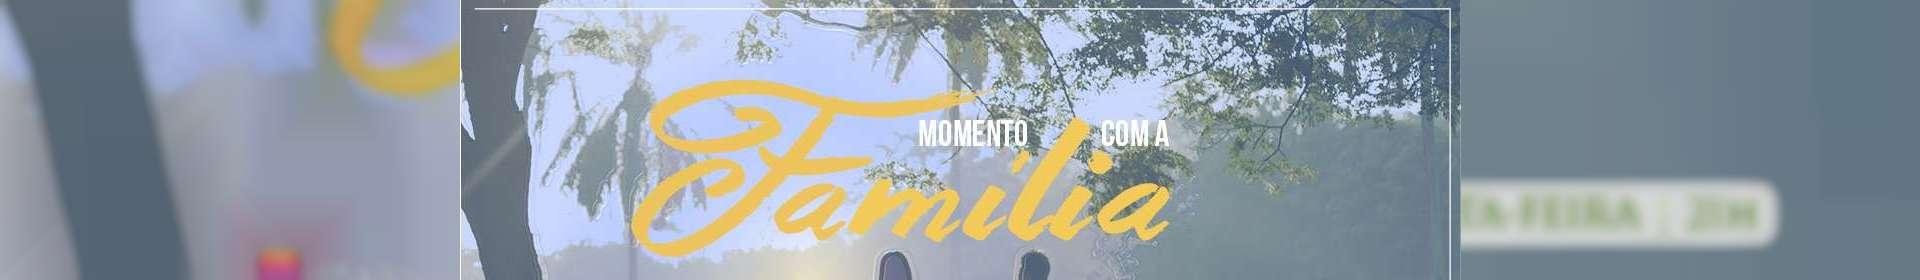 Momento com a Família - 10/05/2019